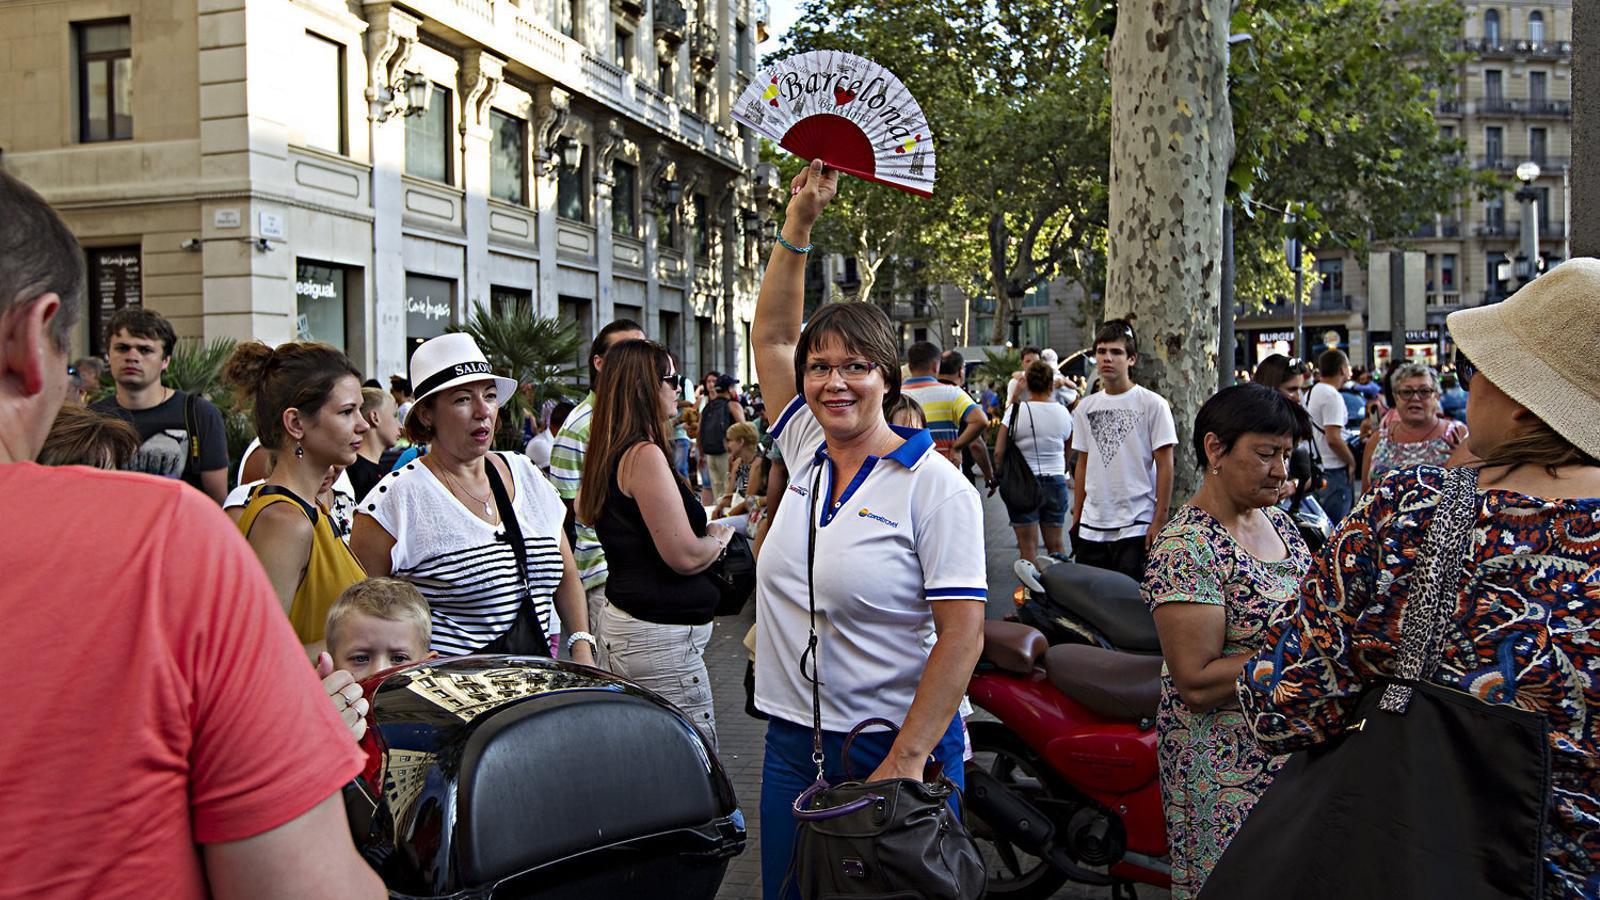 Un grup de turistes amb guia passejant-se pels carrers del centre de Barcelona.